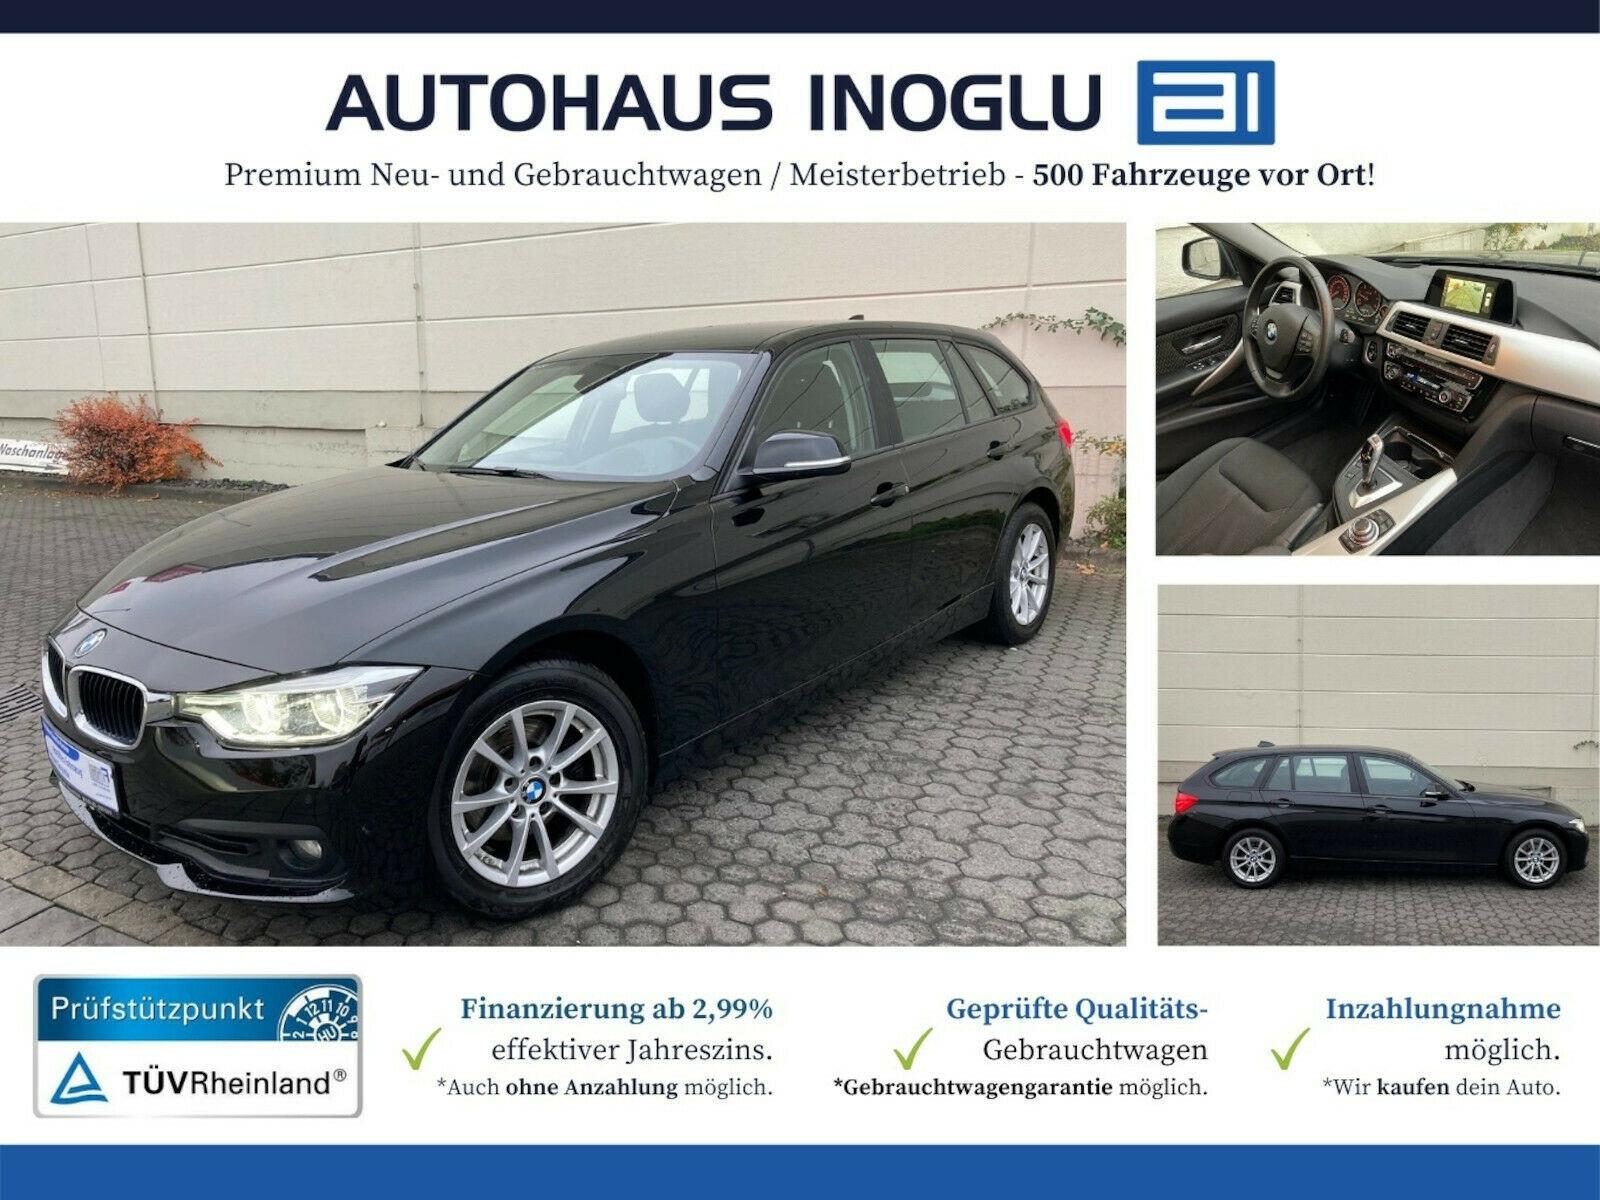 BMW 320 d Touring Automatik Navi R.Cam LED SHZ EURO6, Jahr 2017, Diesel